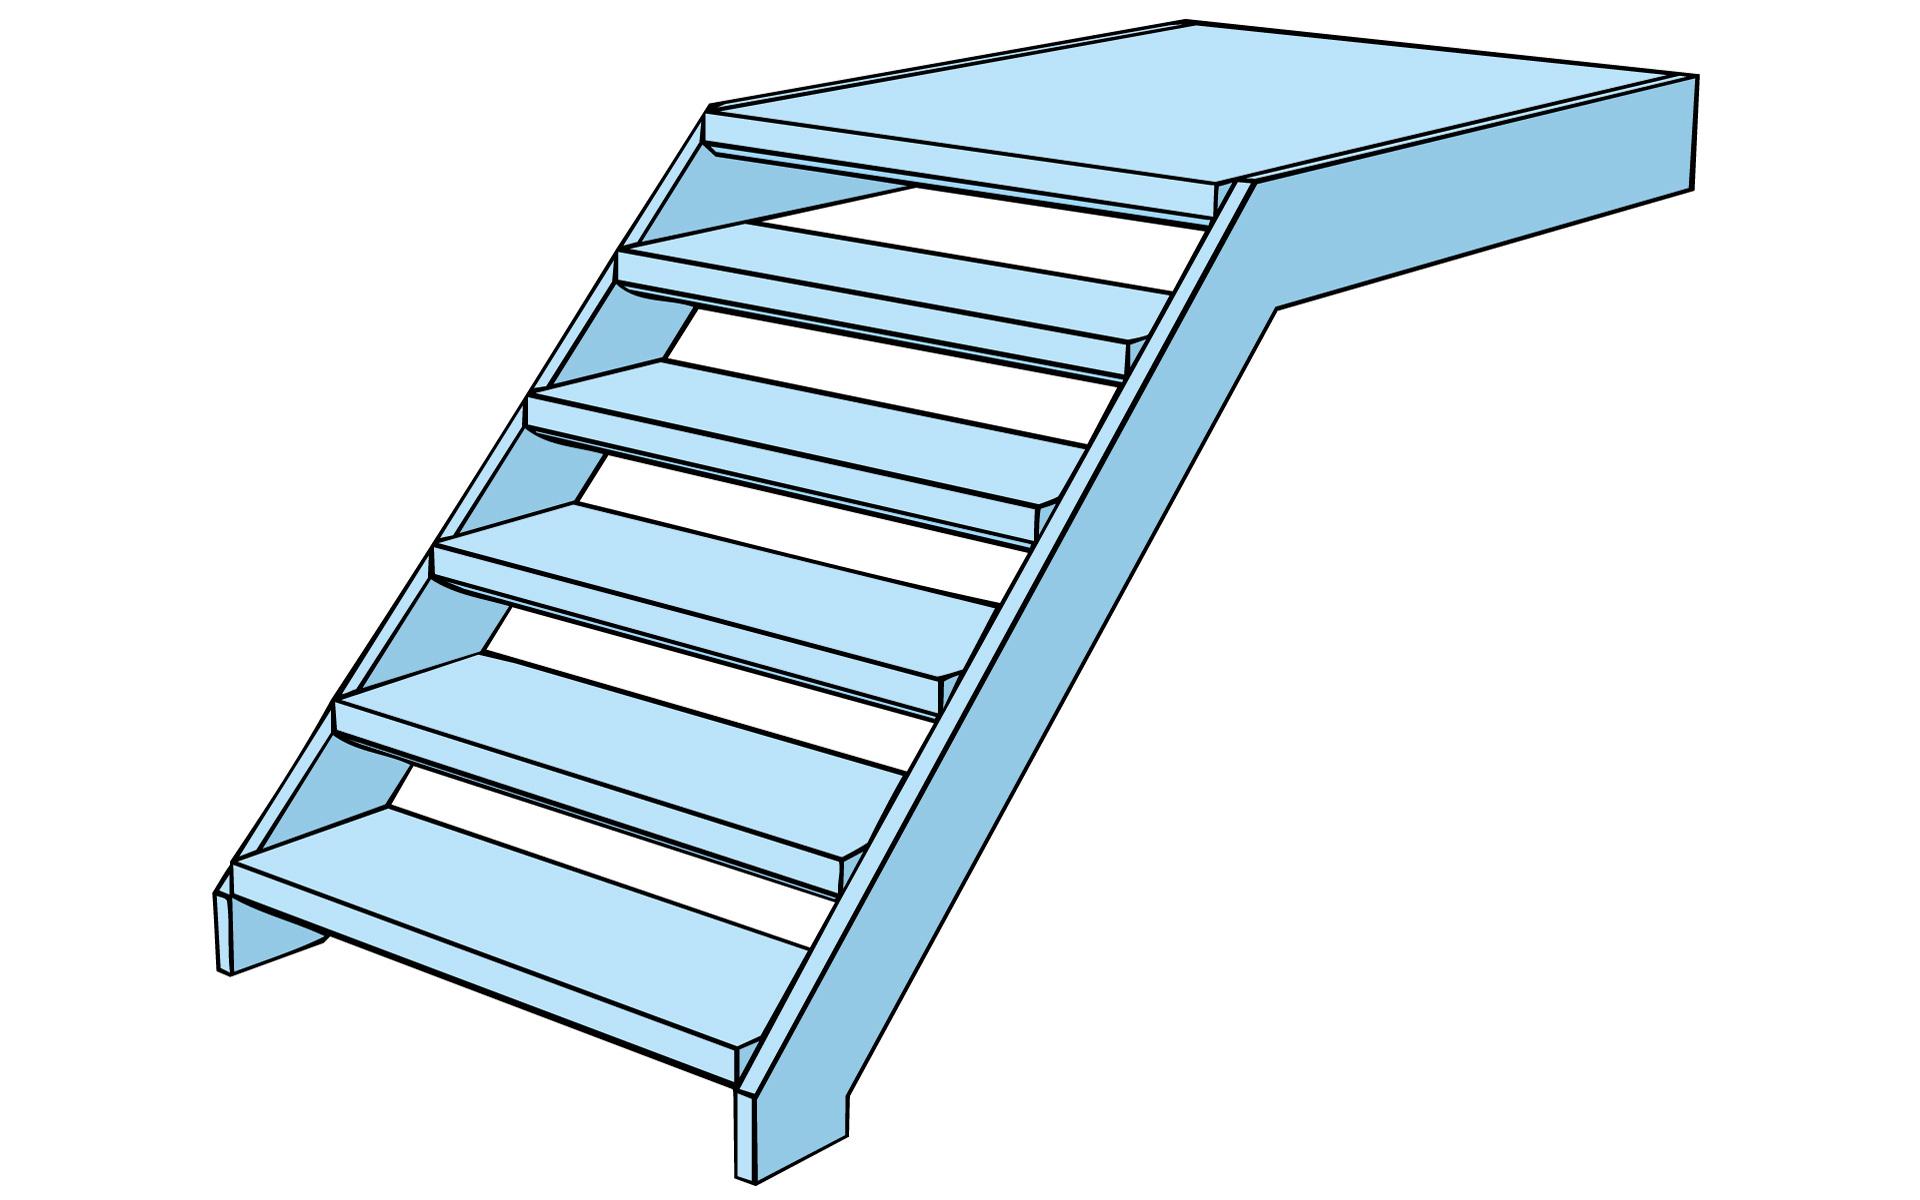 Gerade Treppen Projektierung Weland Gmbh